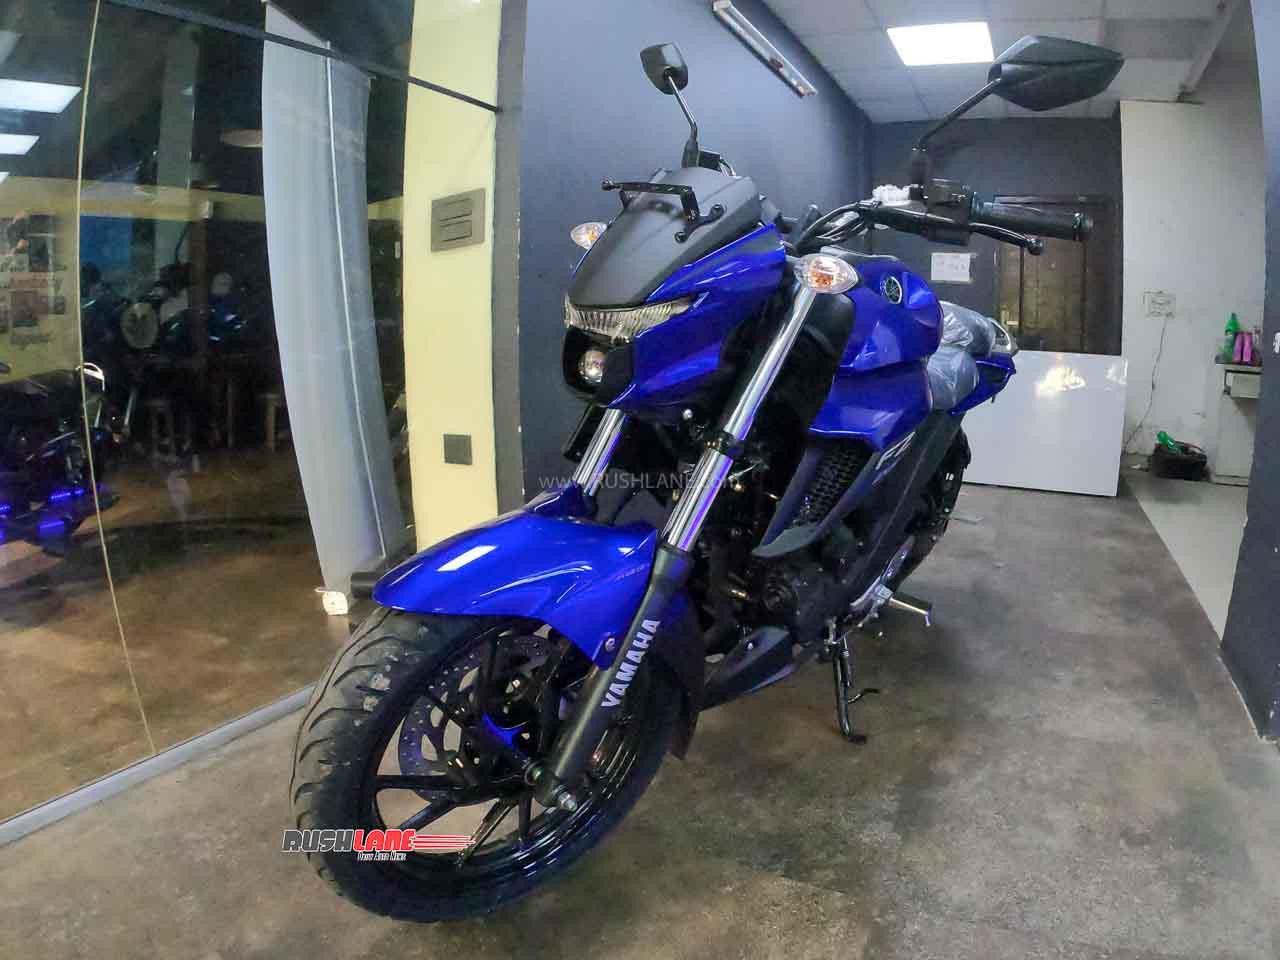 BS6 Yamaha FZ25